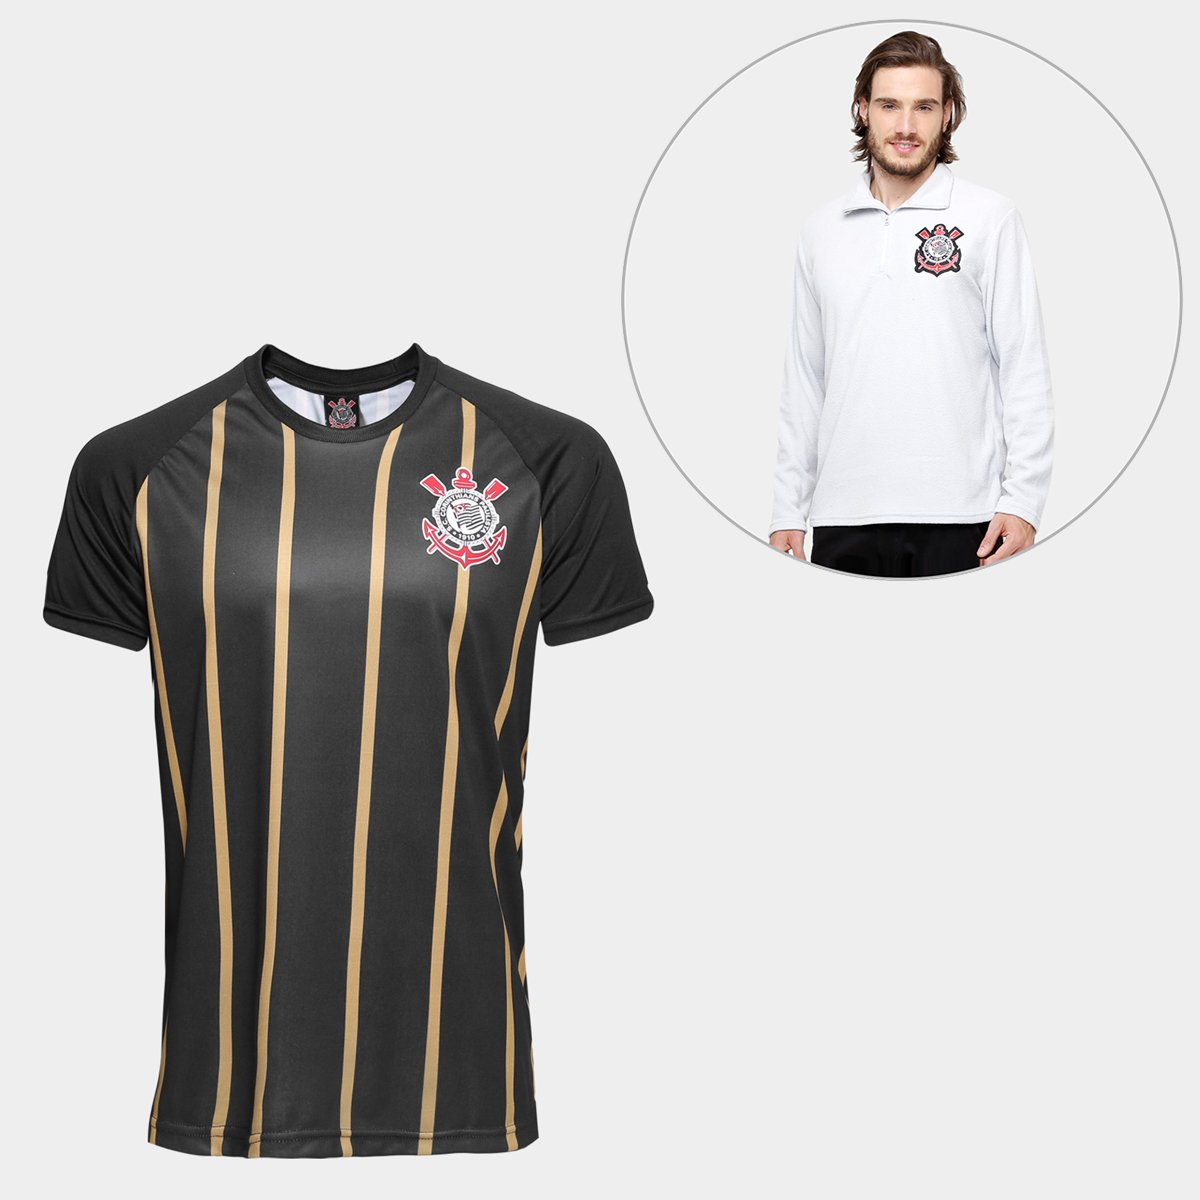 688f02e009 Kit Camisa Corinthians Gold nº10 - Edição Limitada + Blusão Corinthians  Polar Fleece Masculino ...